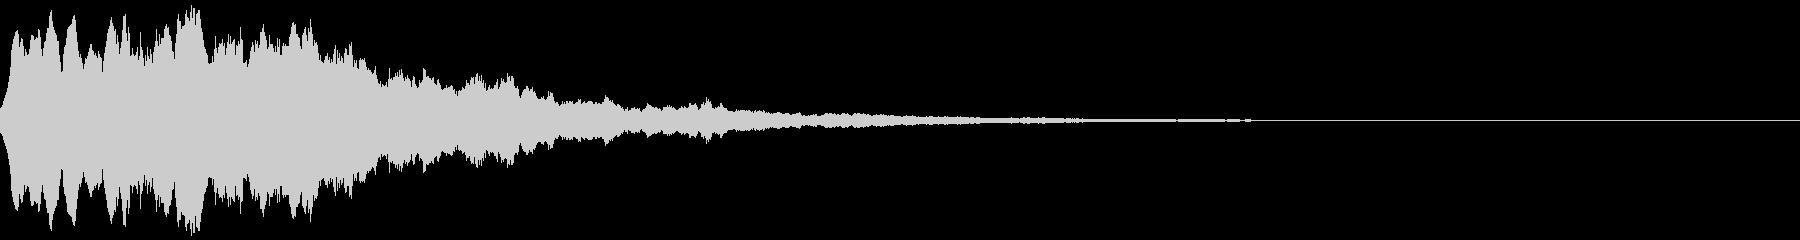 チャララーン・光・チャイムの未再生の波形